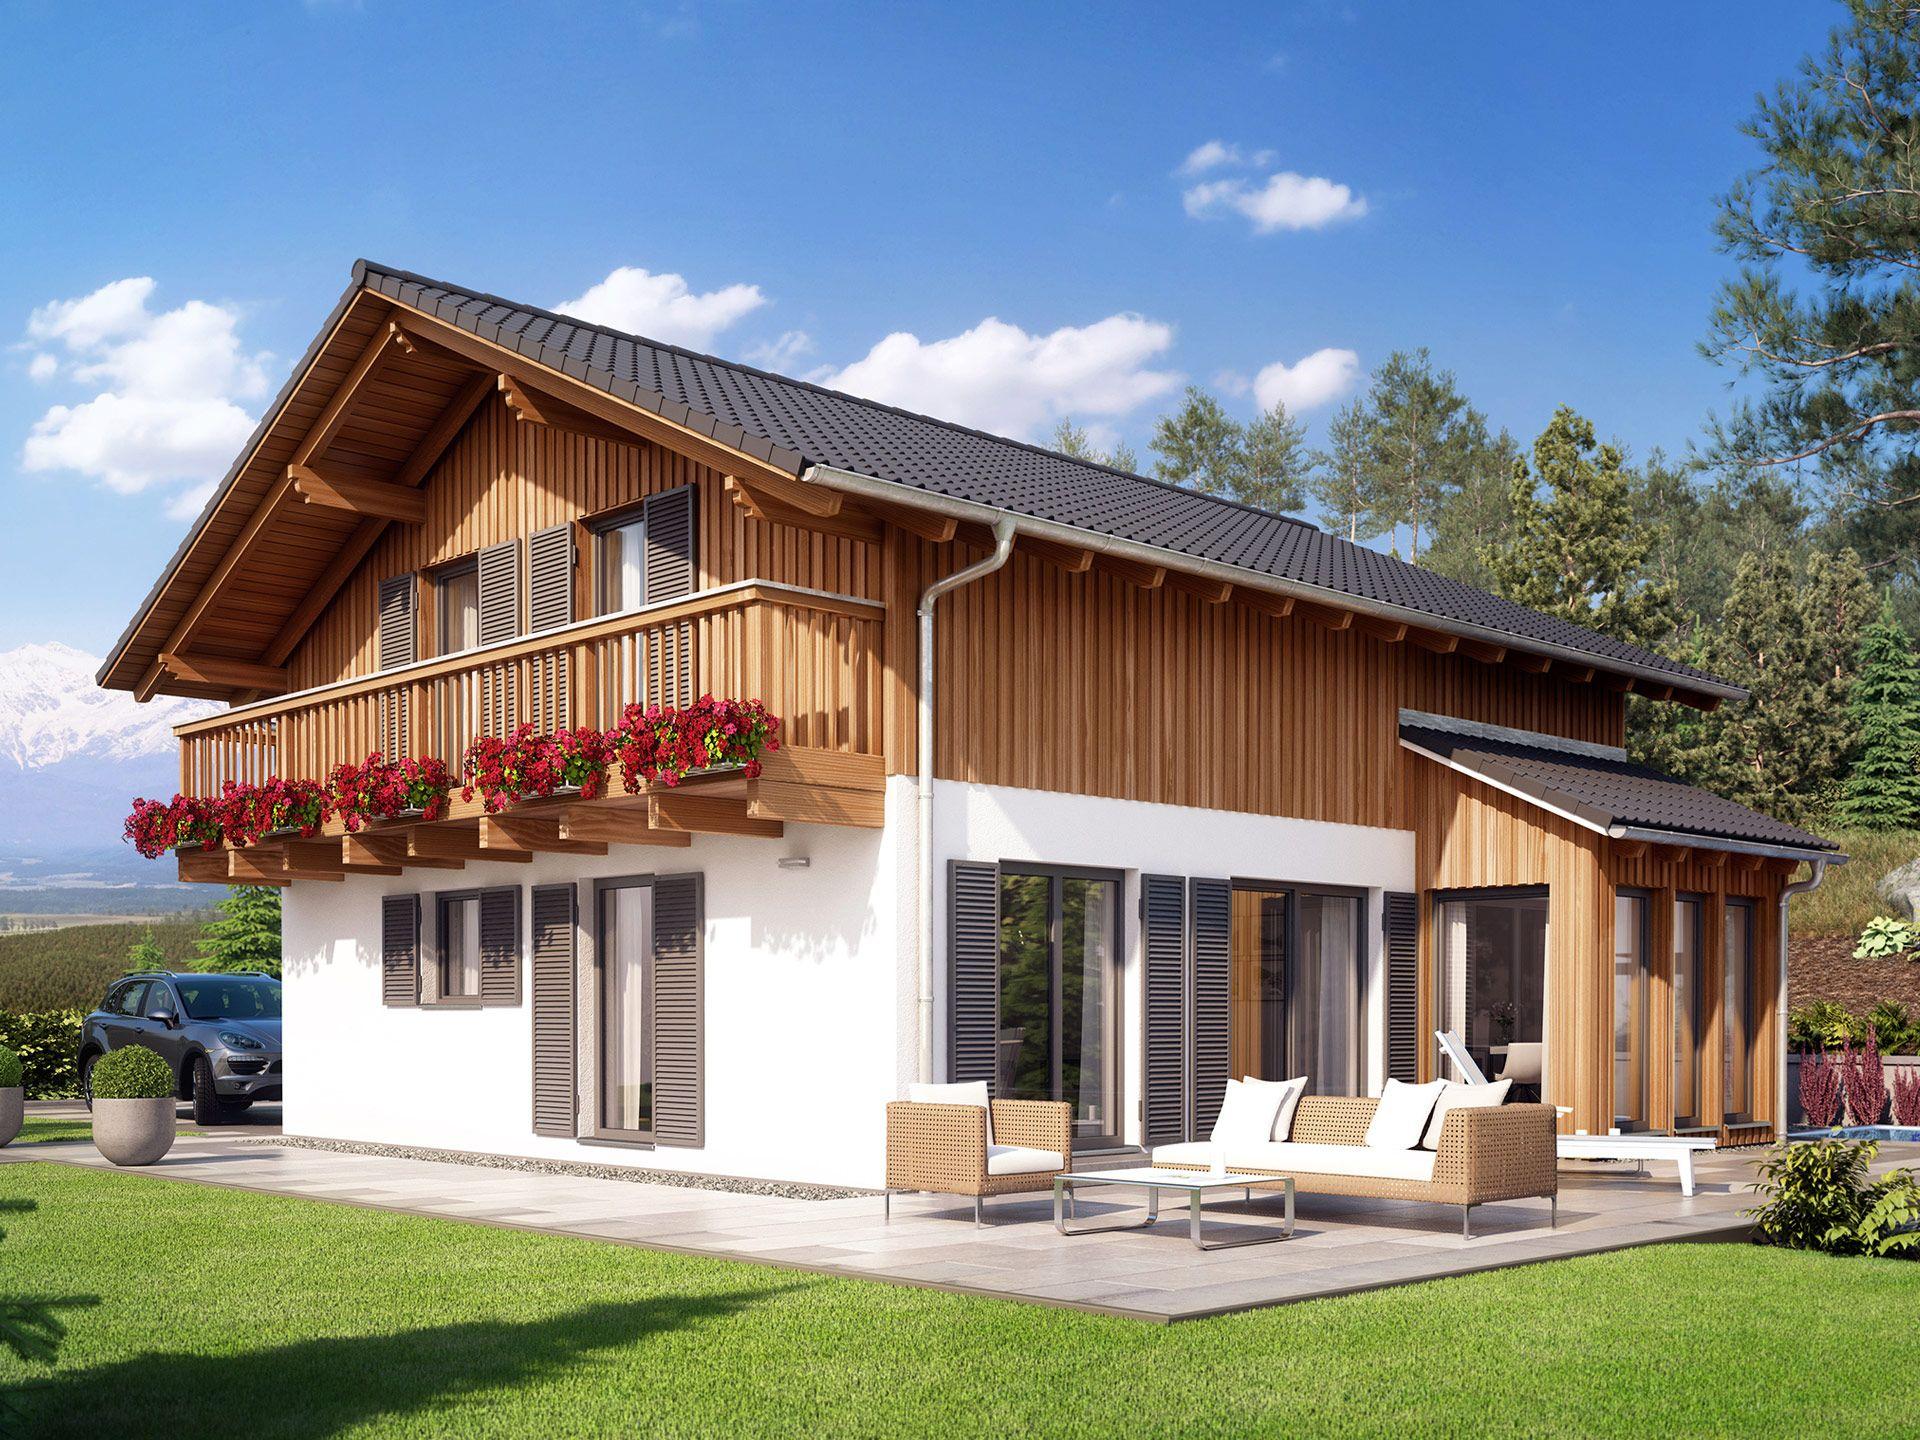 Einfamilienhaus neubau mit erker  Celebration 150 V10 – Einfamilienhaus • Holzhaus von Bien-Zenker ...